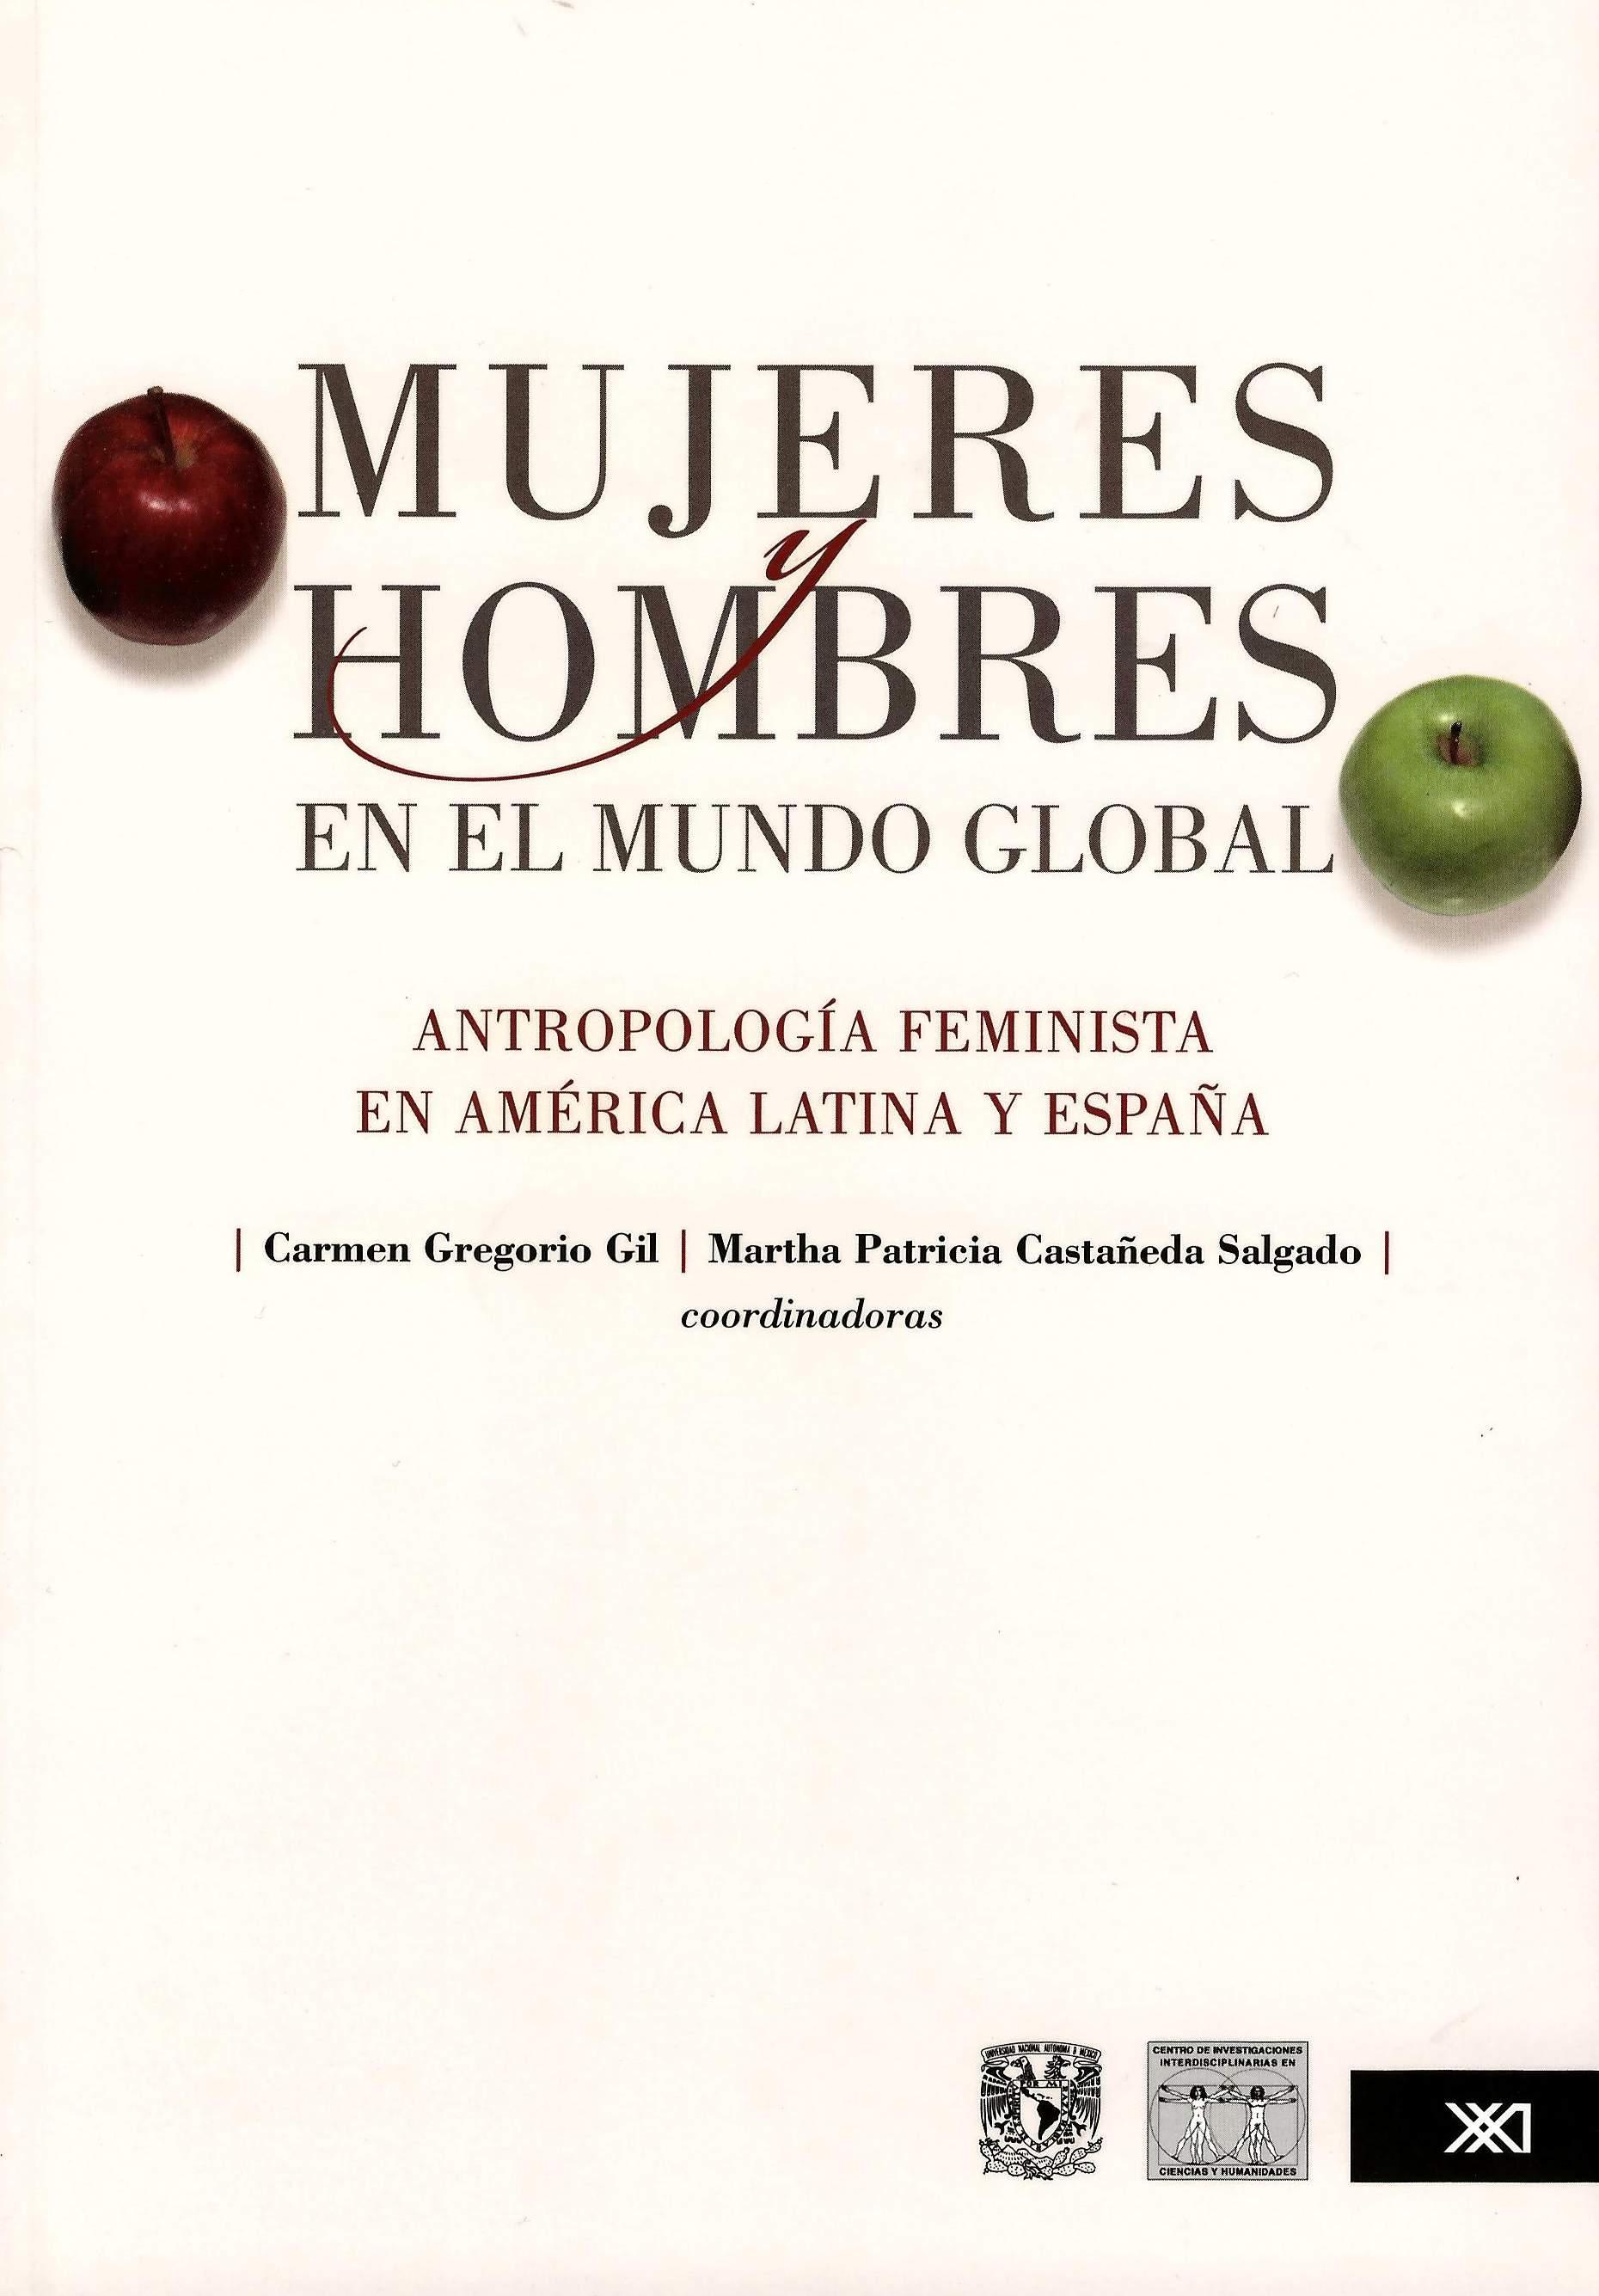 Mujeres y hombres en el mundo global. Antropología feminista en América Latina y España